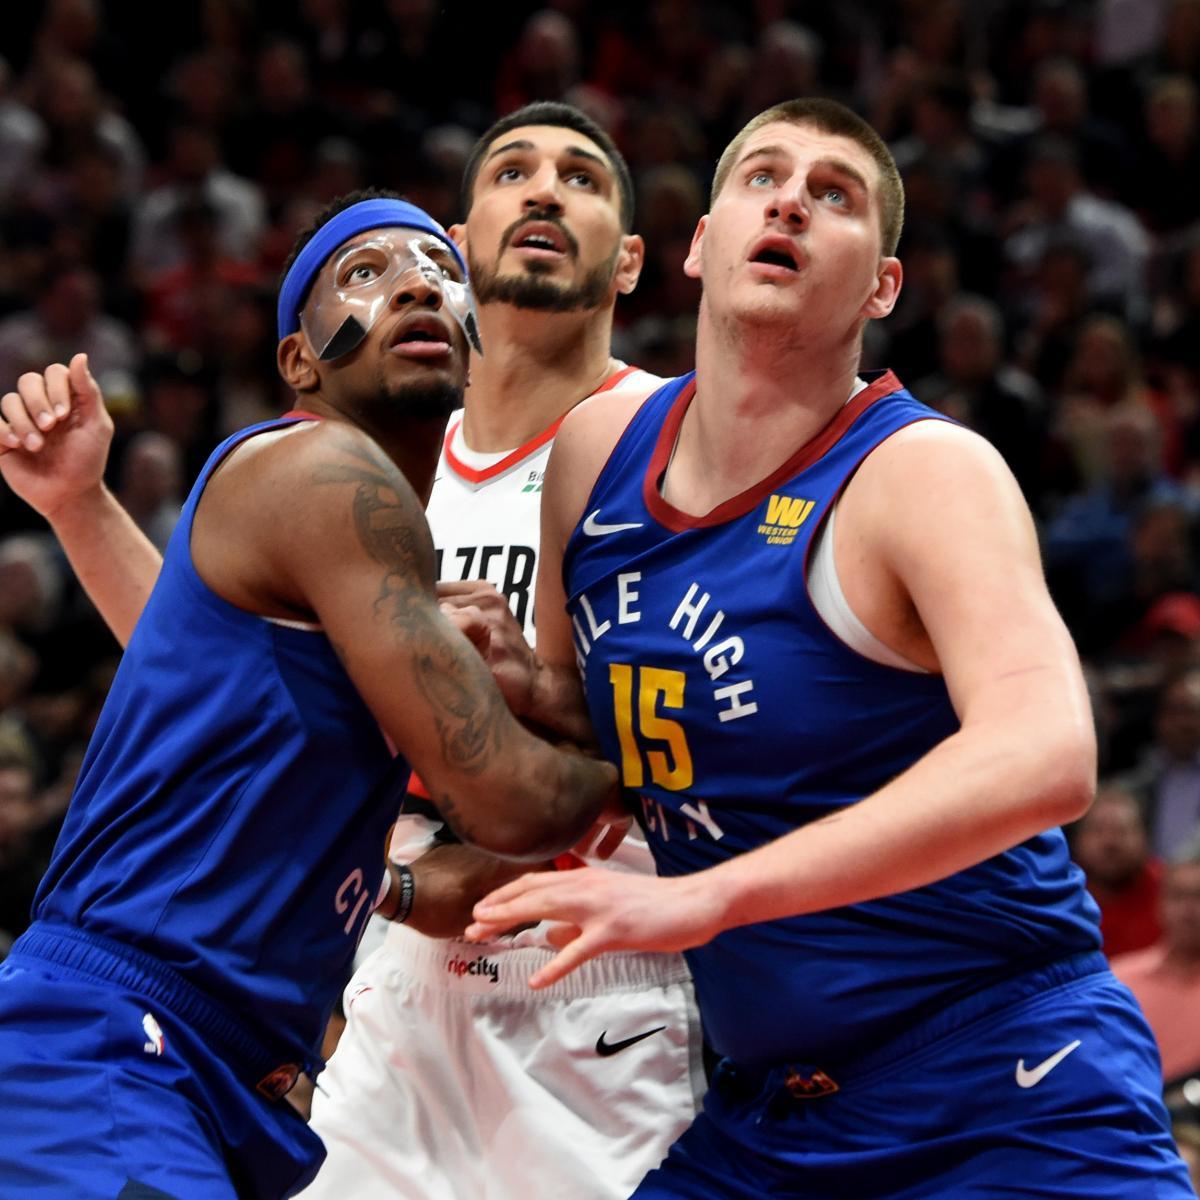 Blazers Kanter: Terry Stotts: Nikola Jokic's Elbow On Enes Kanter In Game